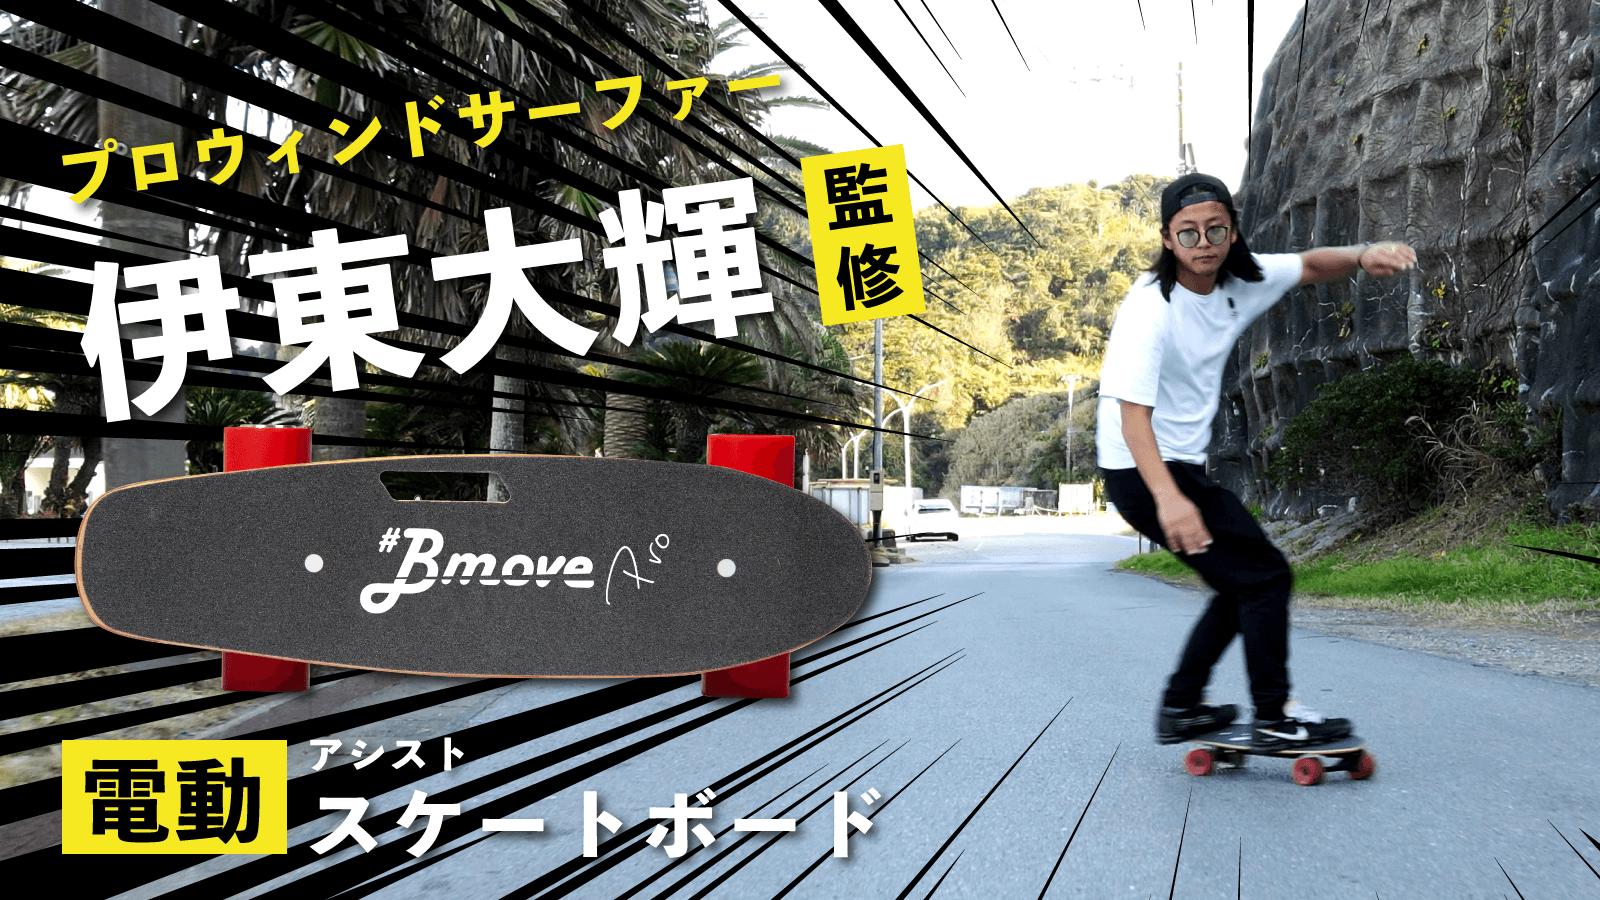 Bmove Pro 伊東大輝